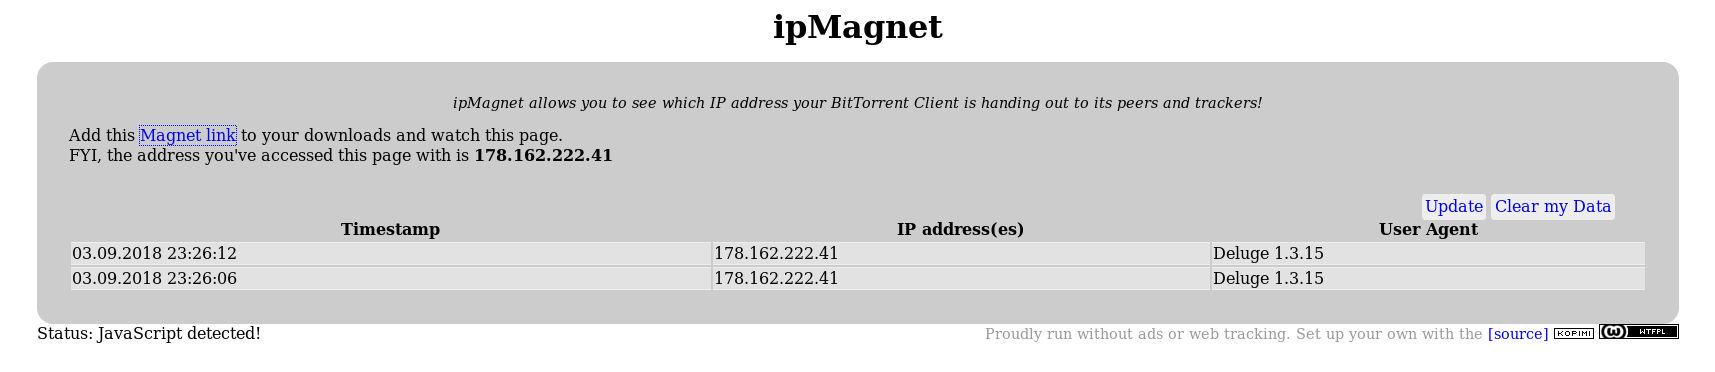 ipMagnet Results